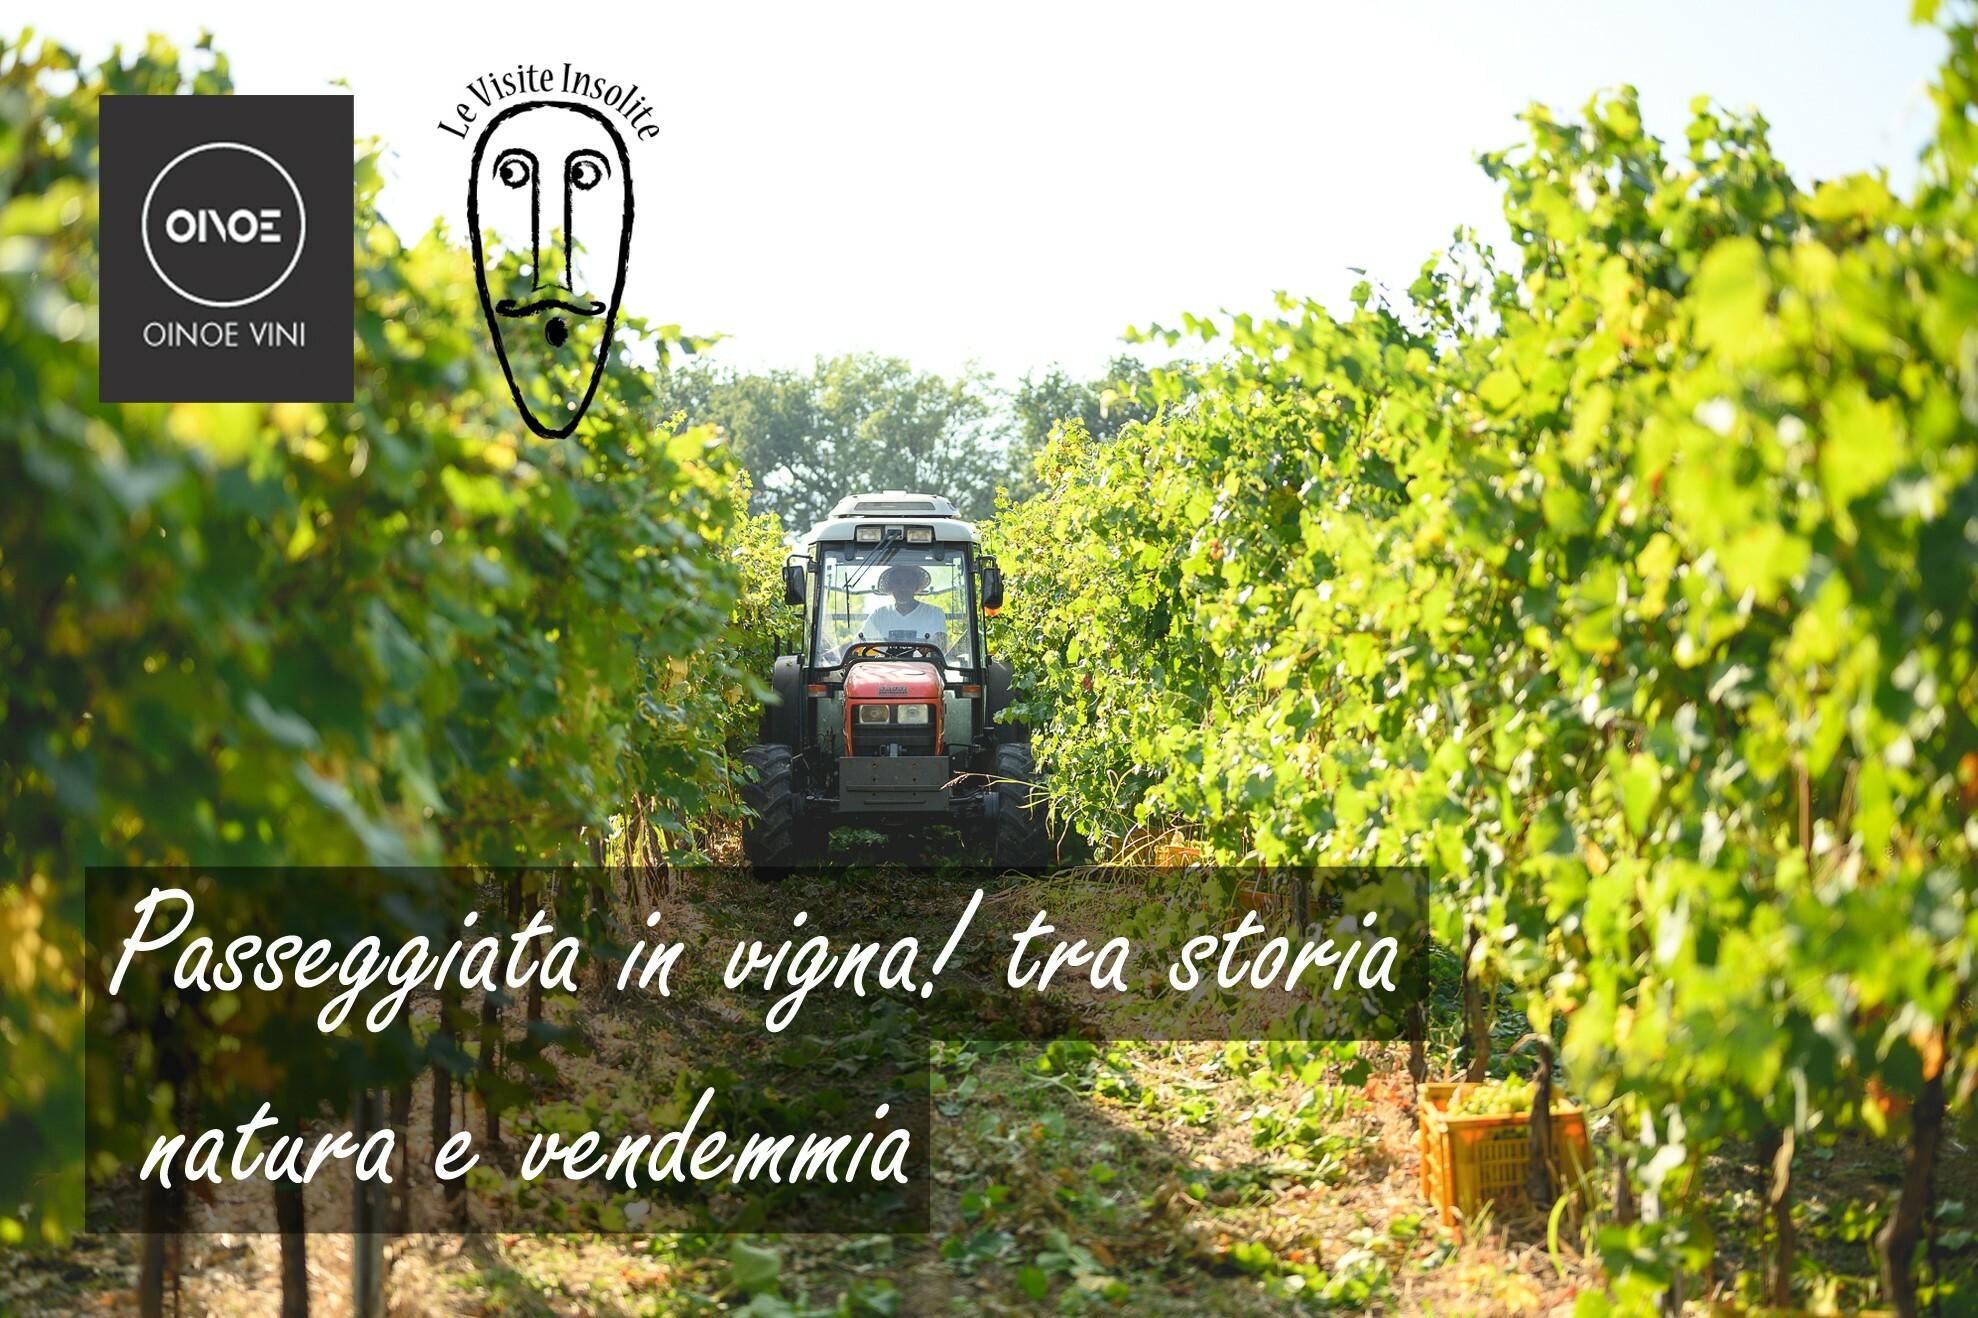 Speciale passeggiata in vigna con degustazione da Oinoe Vini